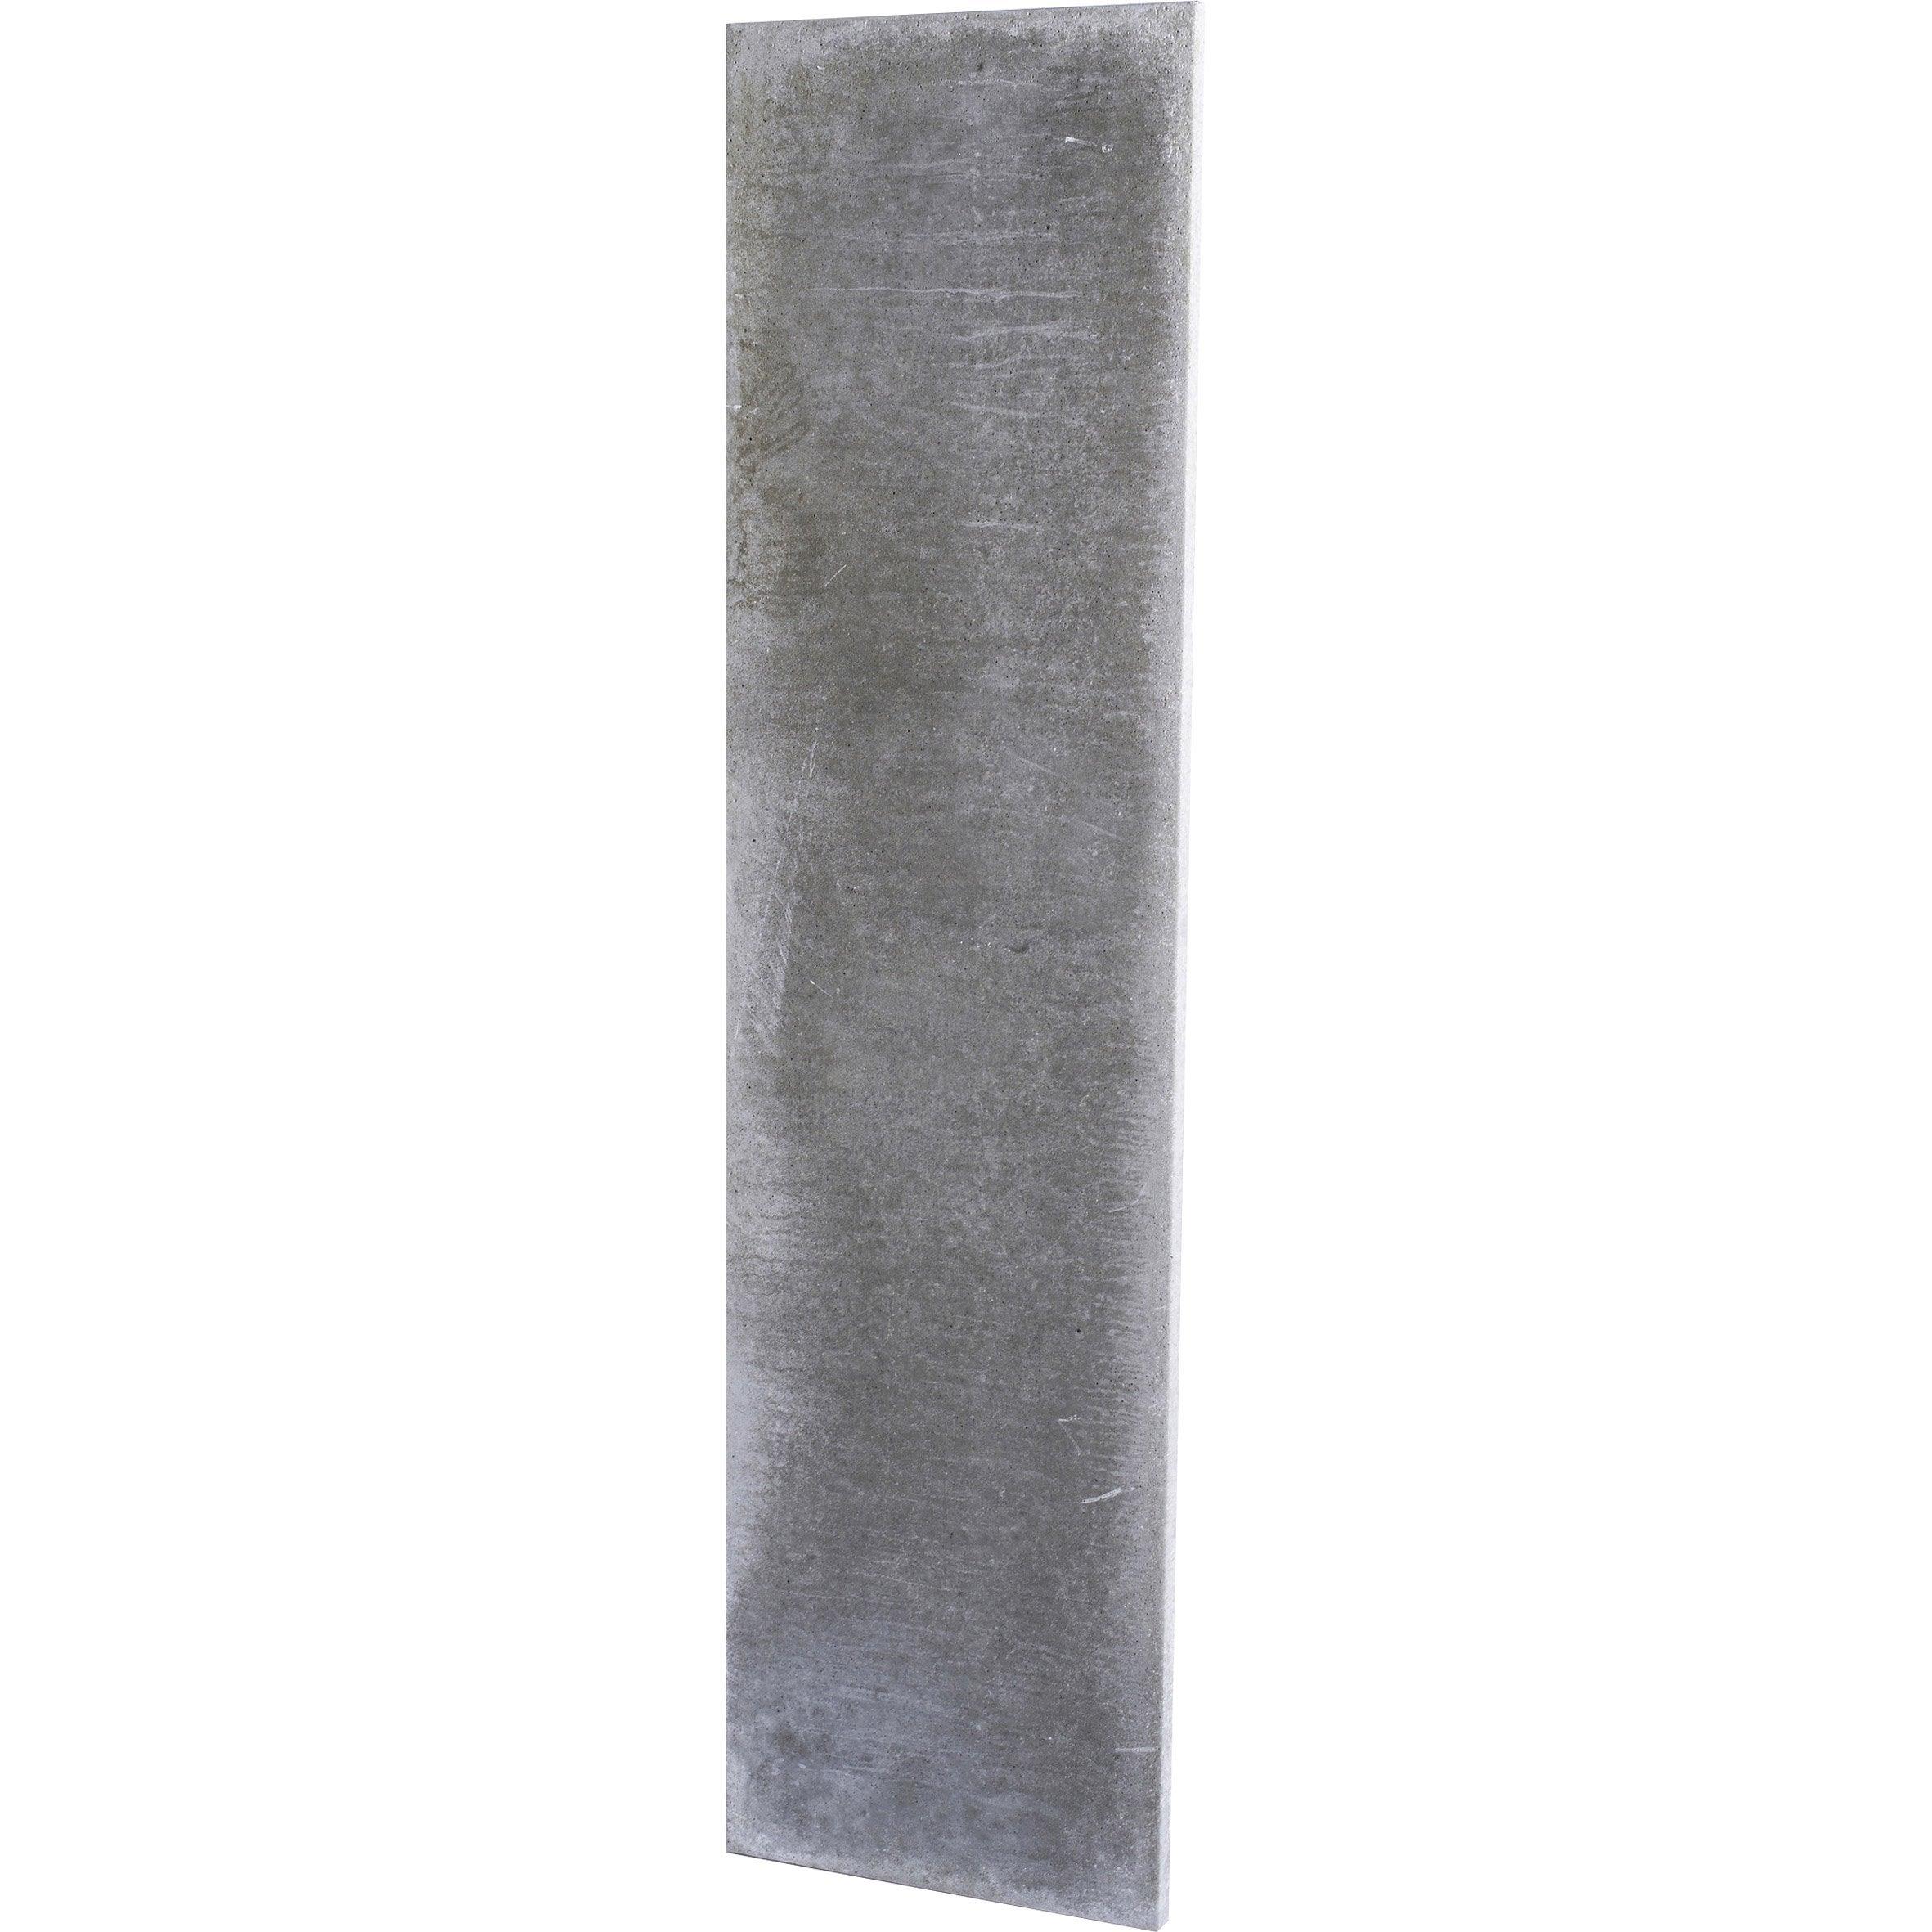 Plaque En Béton Pleine Pour Clôture Droite L192 X H50 Cm X Ep37 Mm